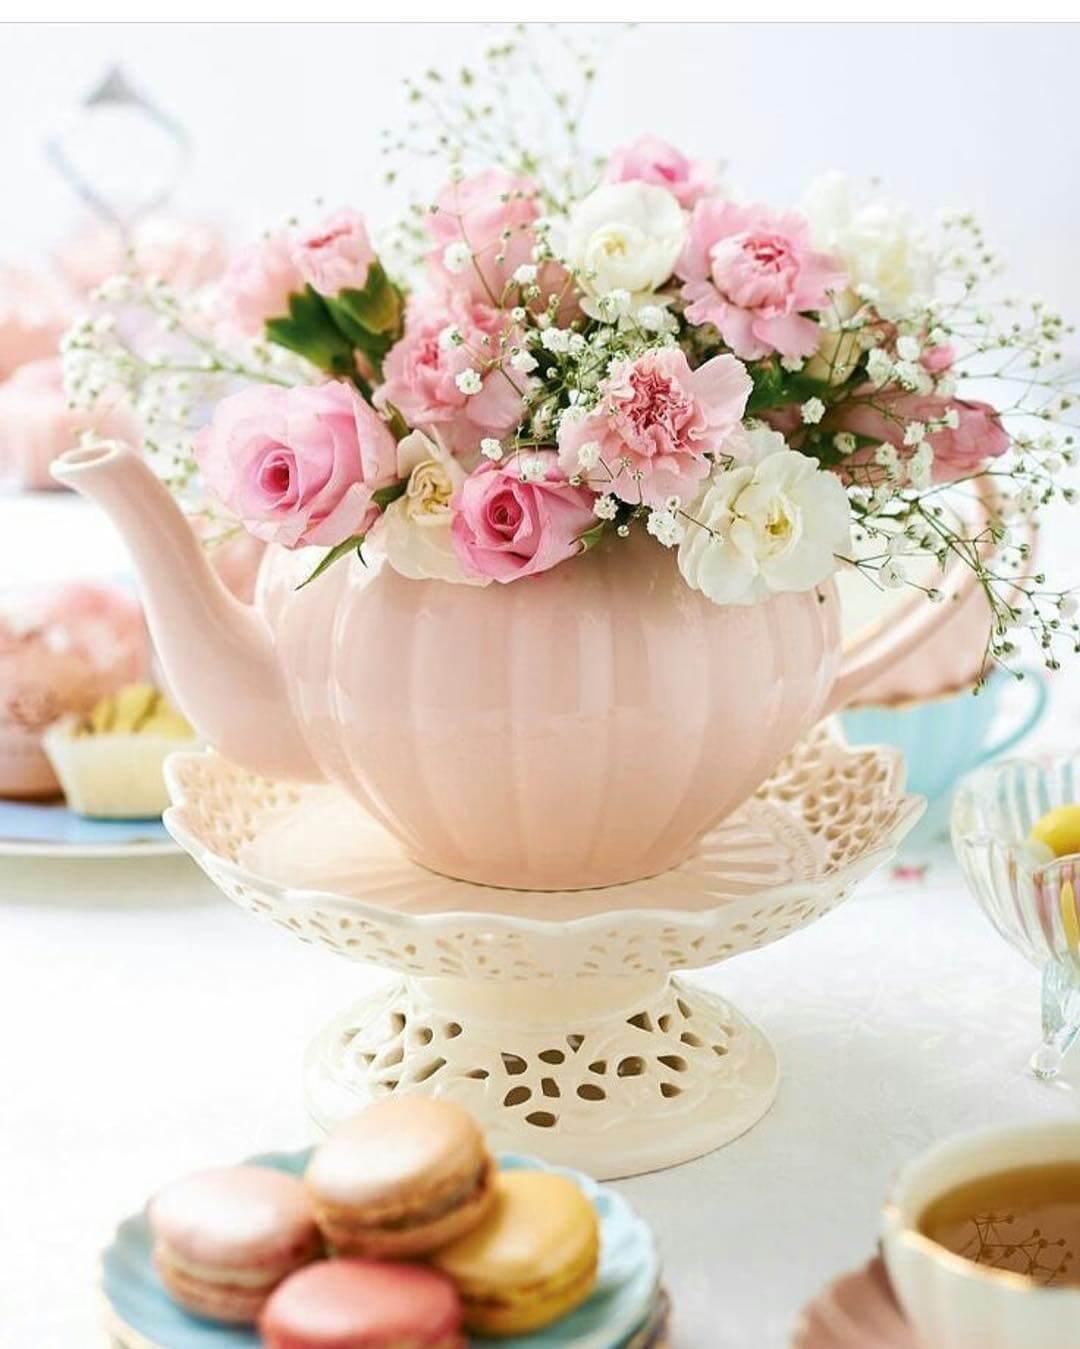 Tea Time Pot of Flowers Centerpiece